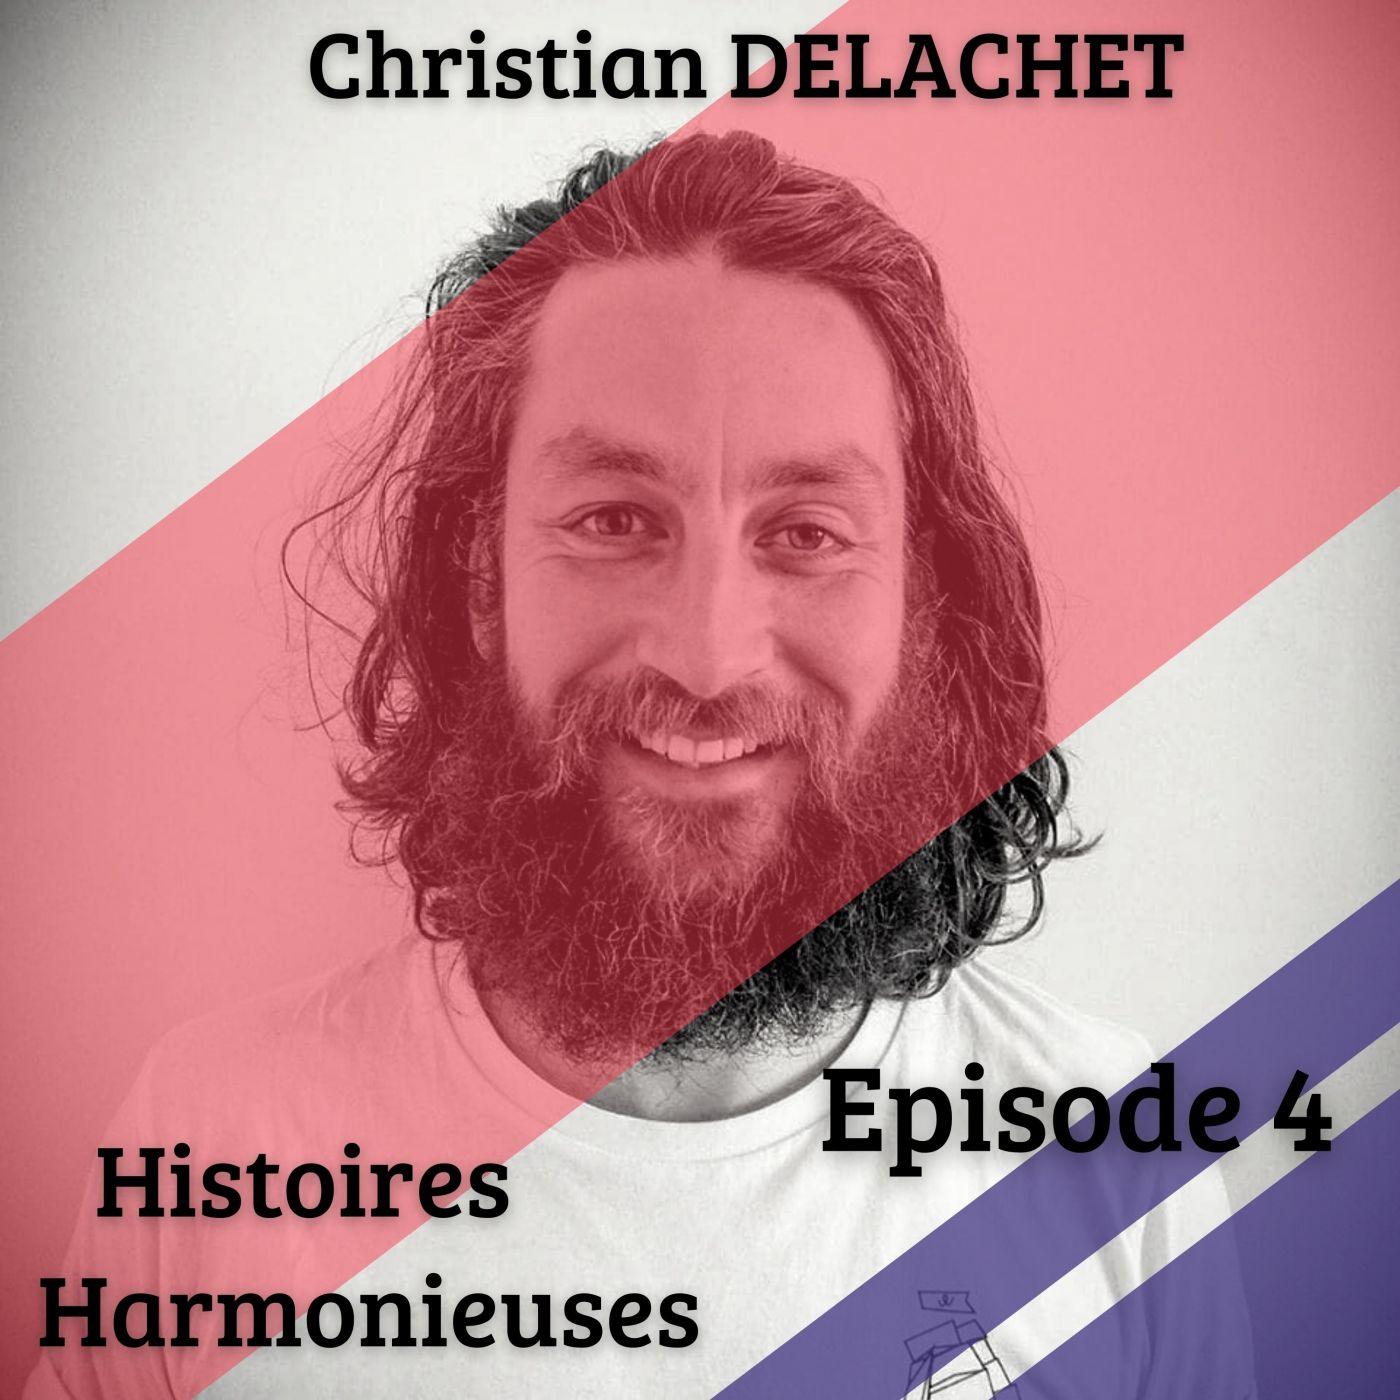 Image de l'épisode 4 du podcast Histoires Harmonieuses avec Christian Delachet